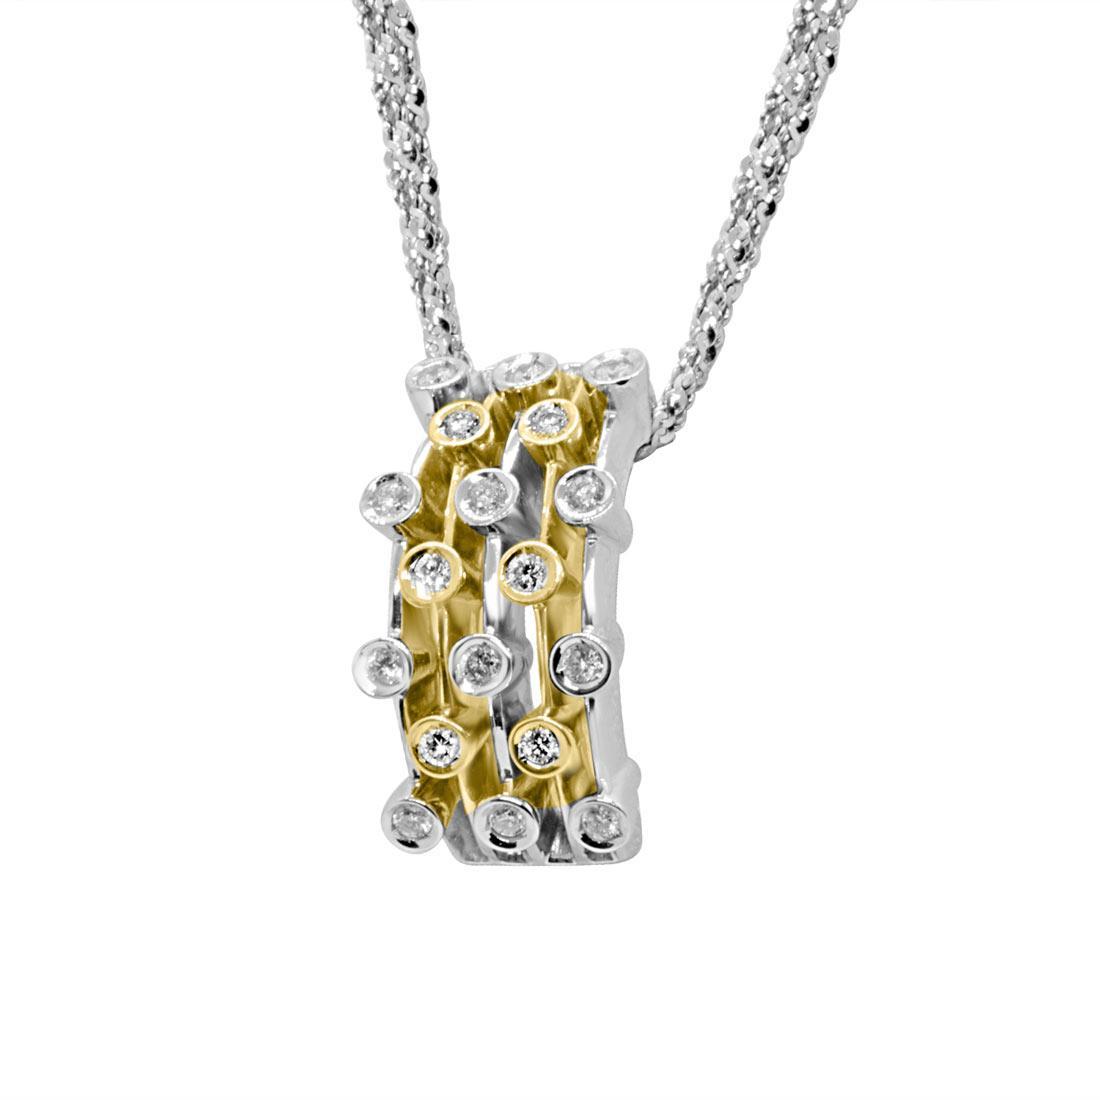 Collier in oro bianco con pendente design in oro bianco, giallo e diamanti - ALFIERI ST JOHN